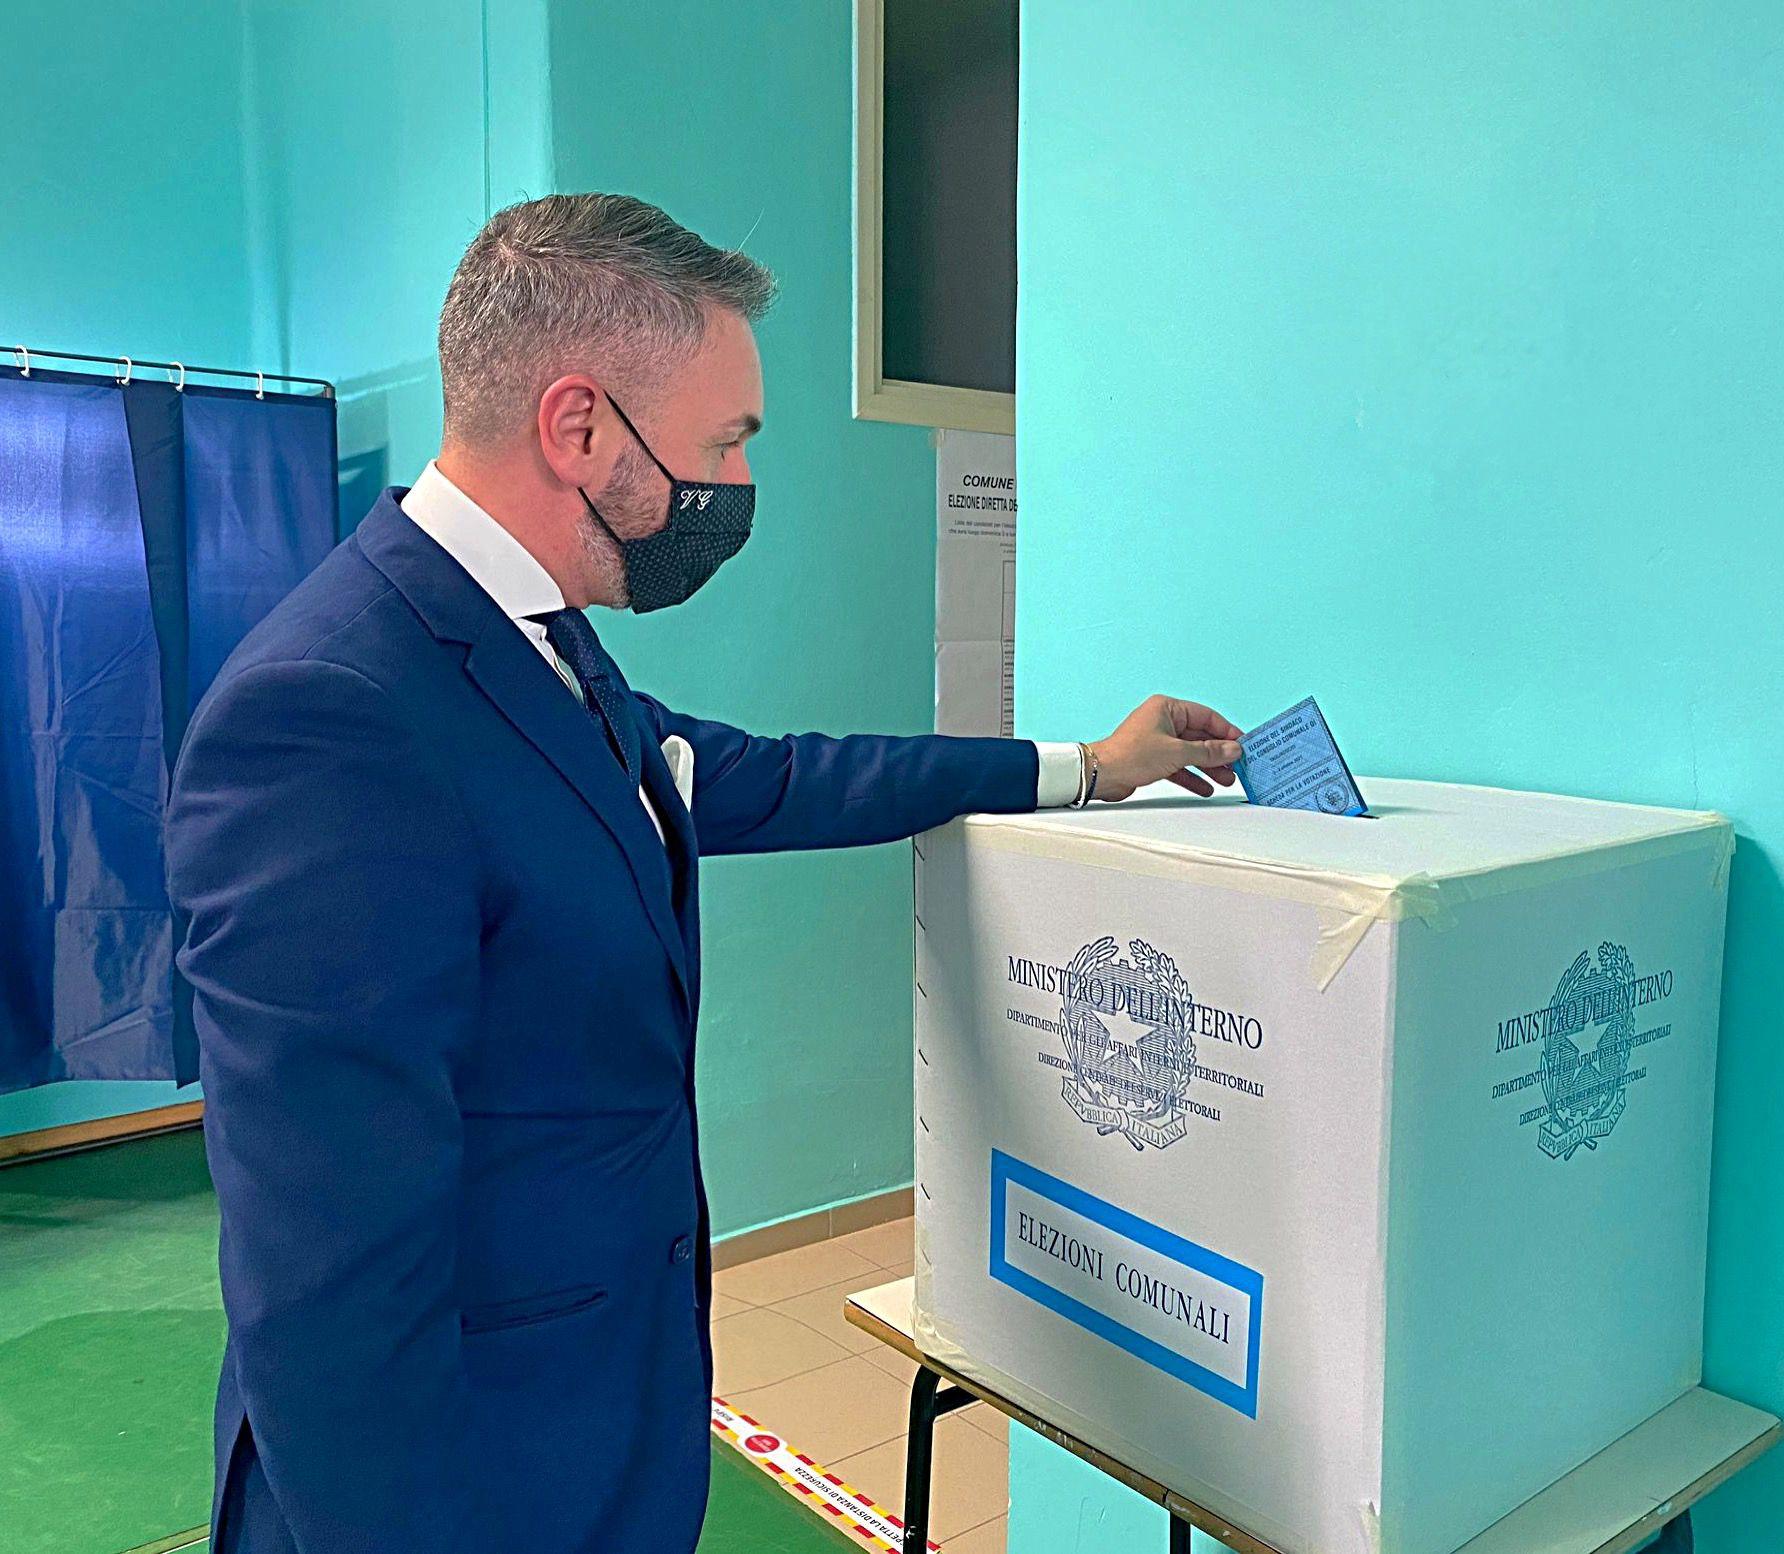 A Tagliacozzo Quorum raggiunto già nella prima giornata, 2849 i votanti pari al 49.33%, Sembra scontata la riconferma del Sindaco Giovagnorio